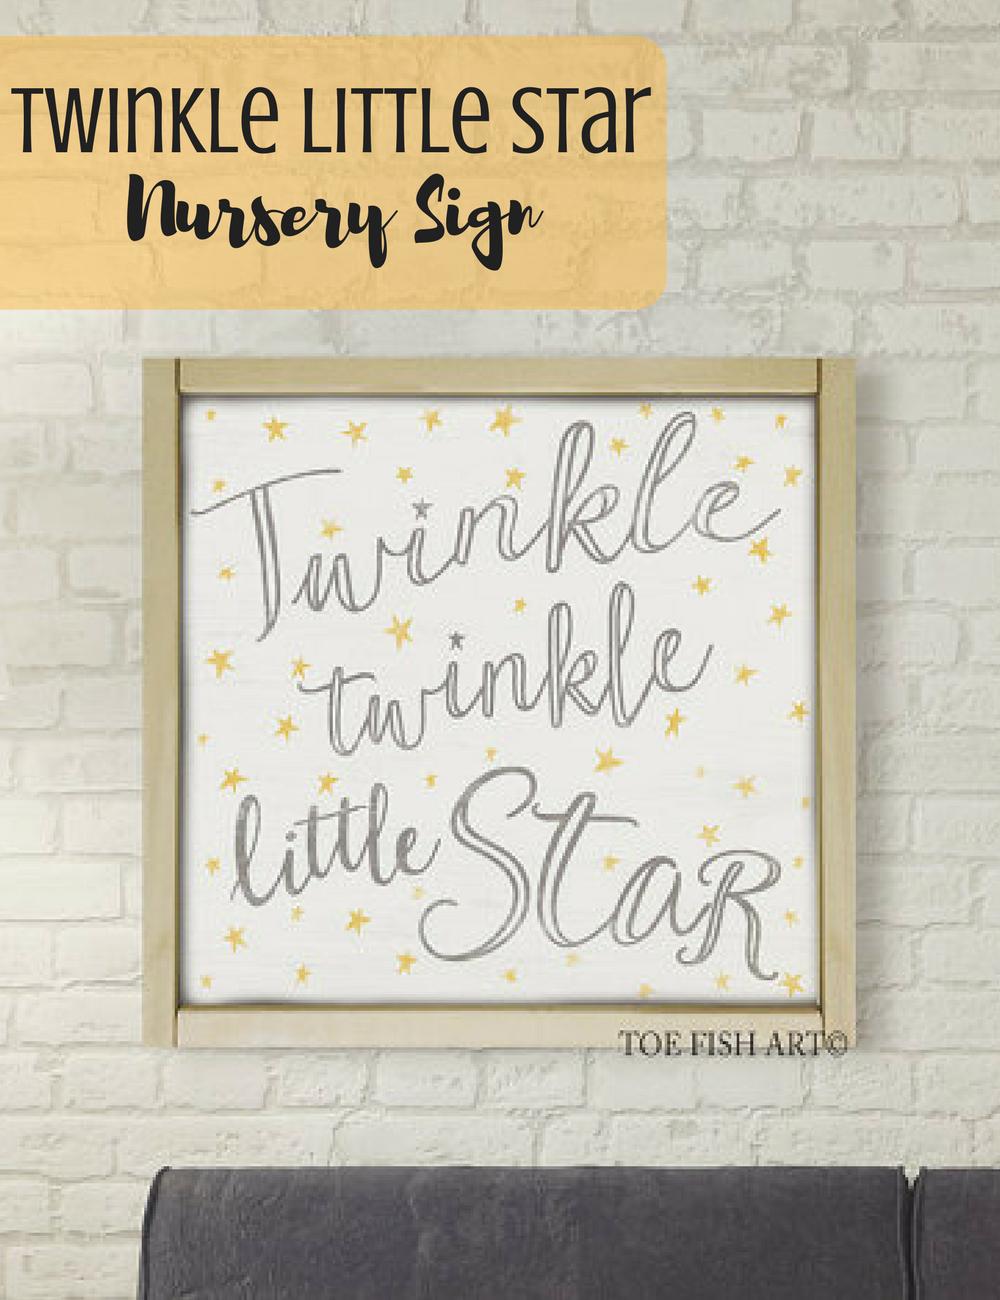 Le Little Star Nursery Sign Farmhouse Decor Home Fixer Upper